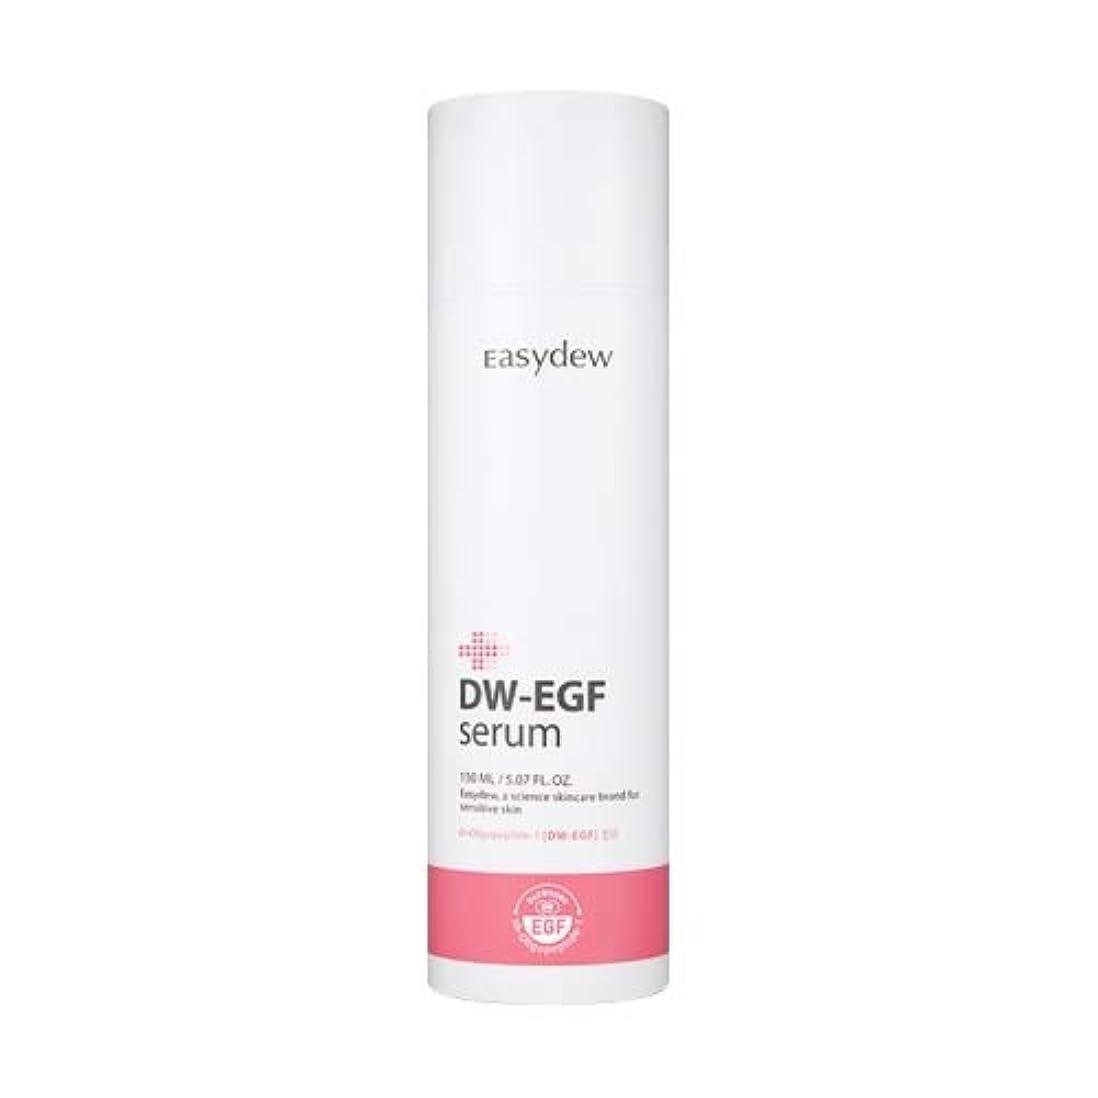 シャワーバタフライ抱擁Easydew DW-EGF セラム 美容液 150ml Easydew DW-EGF Serum 人気 スキンケア